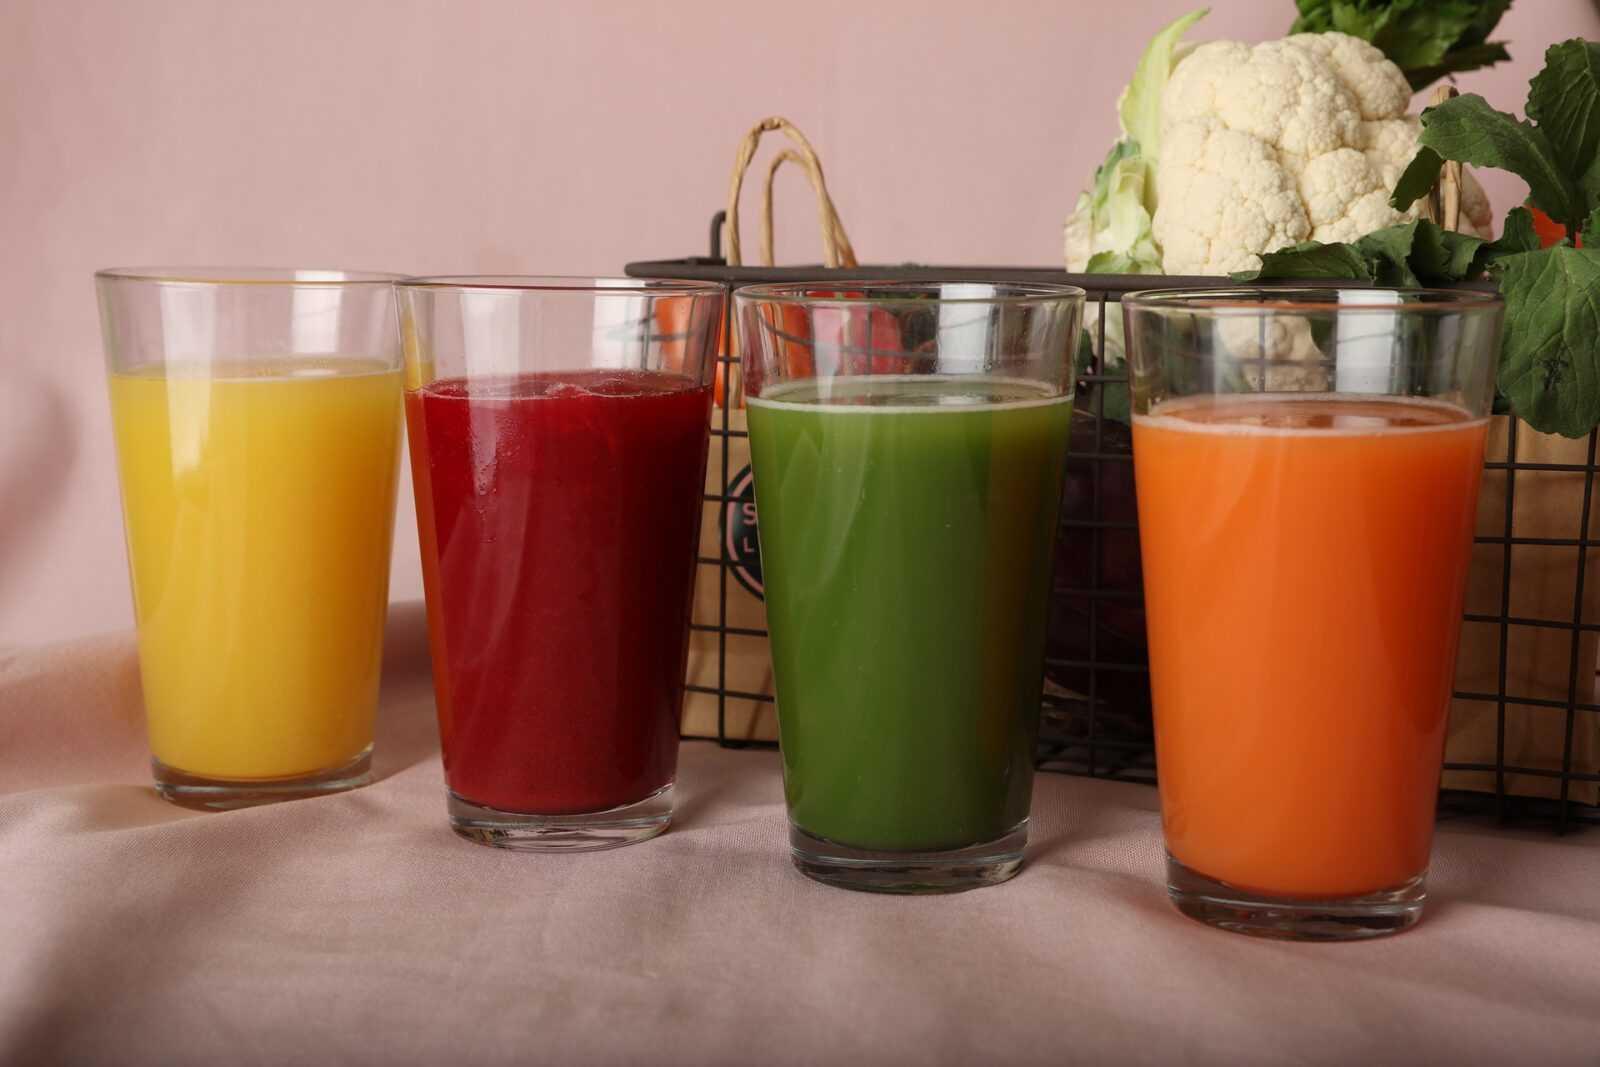 Zumo 3 En 1 Naranja Zanahoria Y Remolacha Recetas En La Thermomix 11 razones por las que debes beber un preparado de jugo de las remolacha inicialmente eran usadas por sus hojas.se requirió de un tiempo antes de descurbri las maravillas de estas. zumo 3 en 1 naranja zanahoria y remolacha